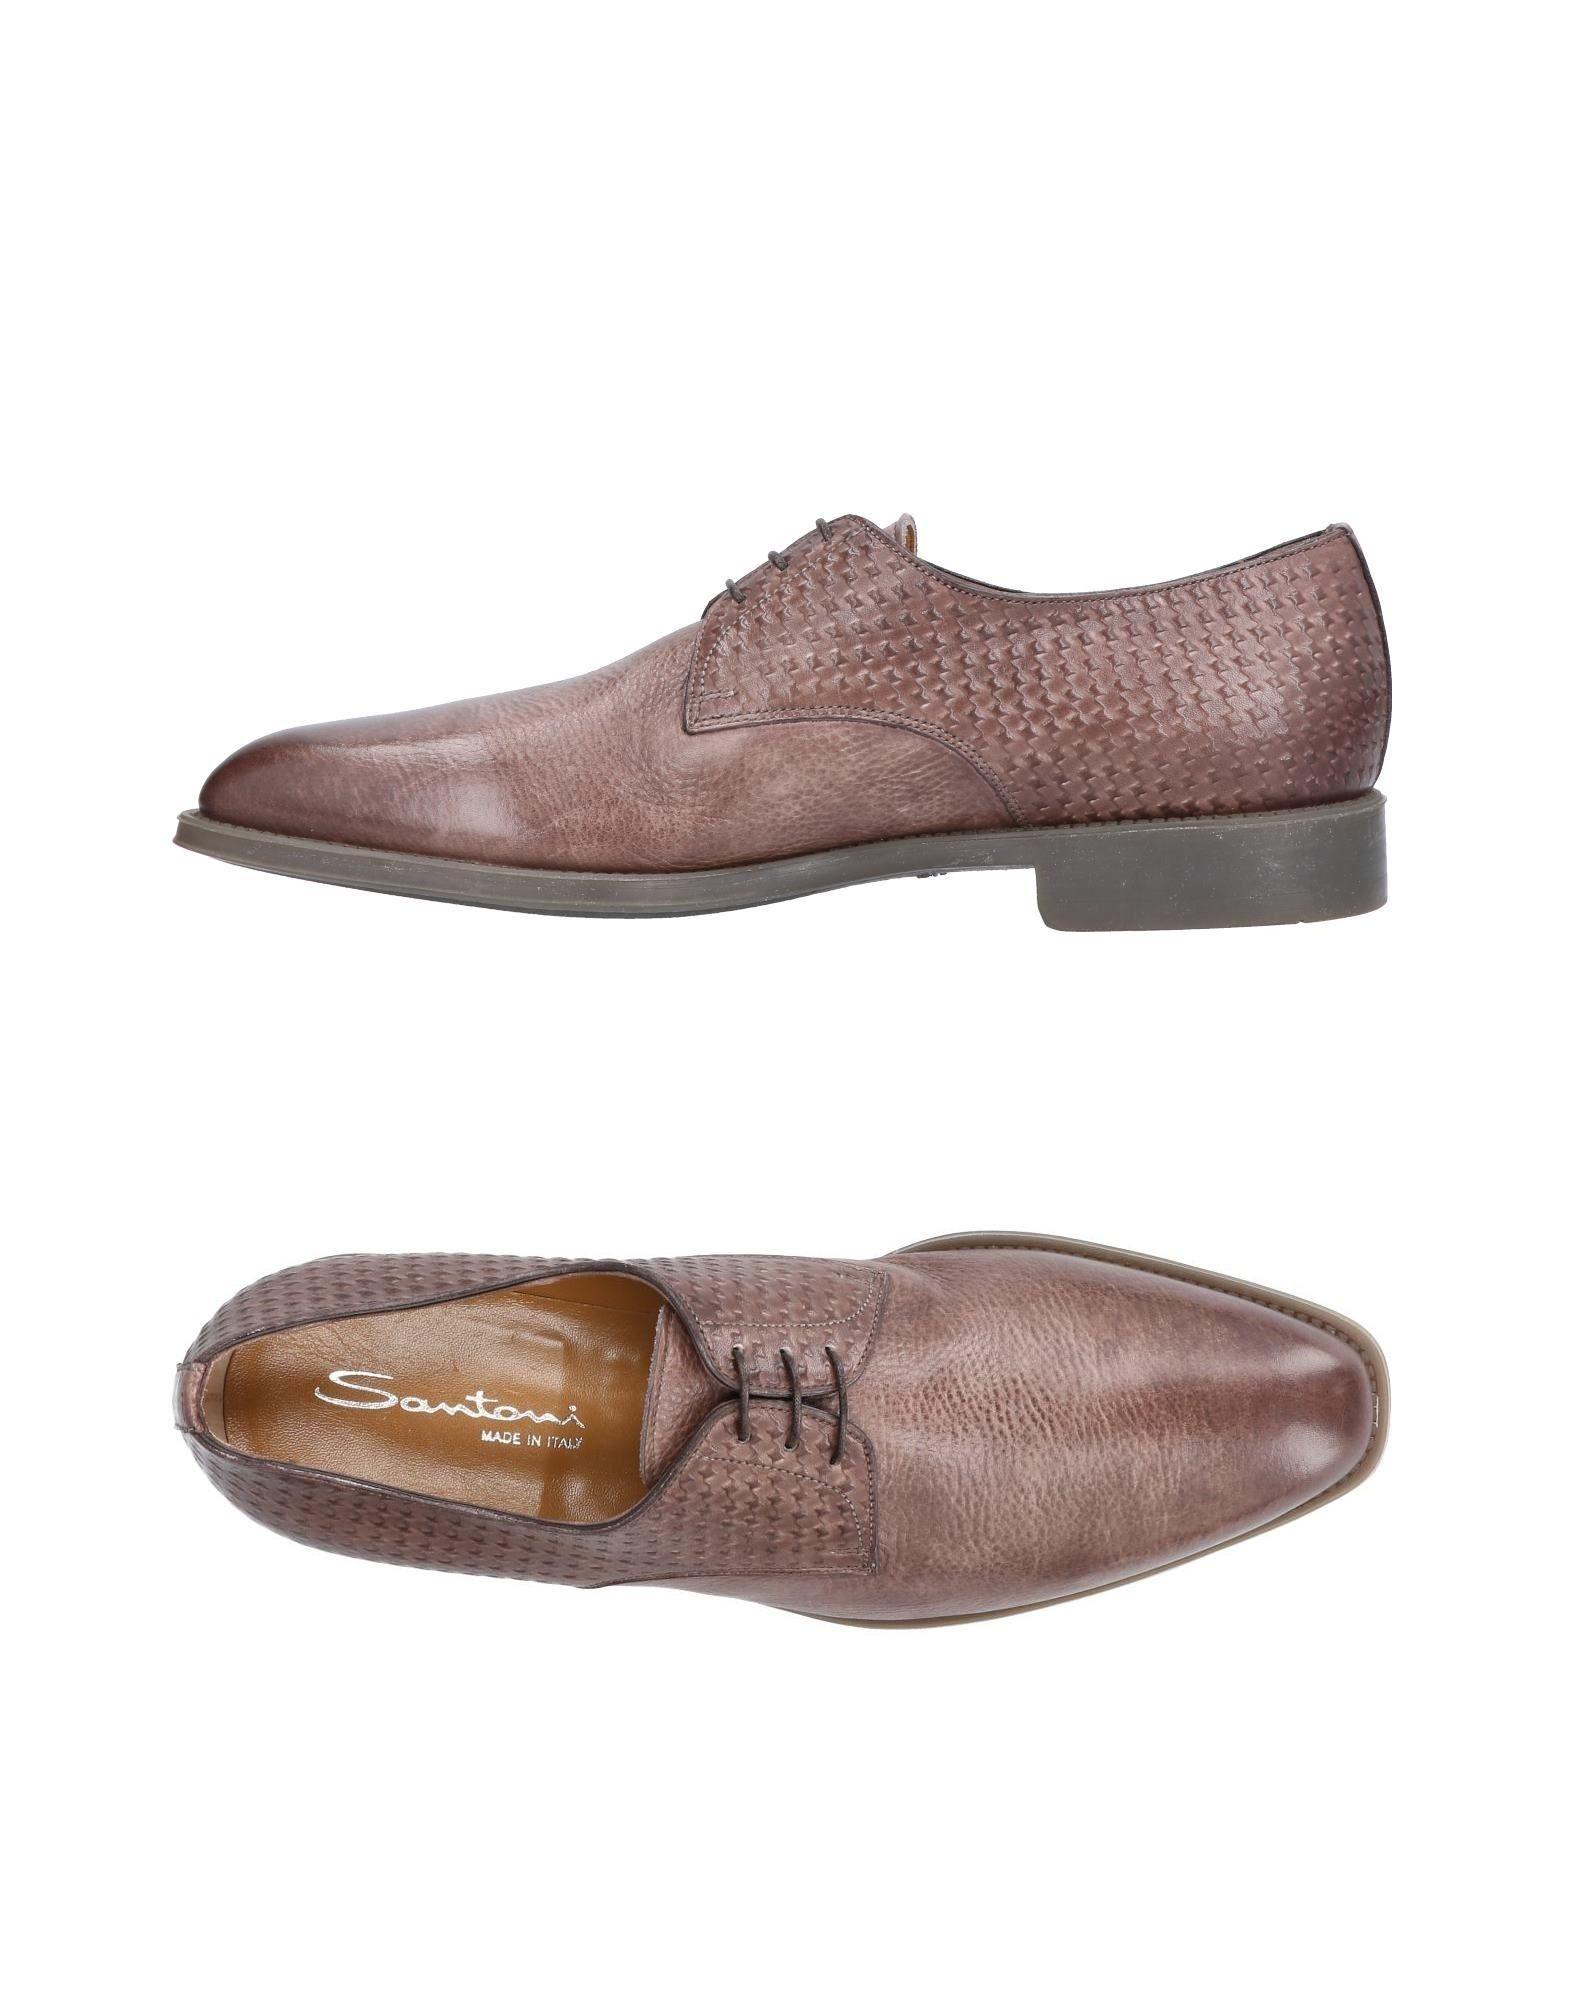 Santoni Schnürschuhe Herren  11488031EI Gute Qualität beliebte Schuhe